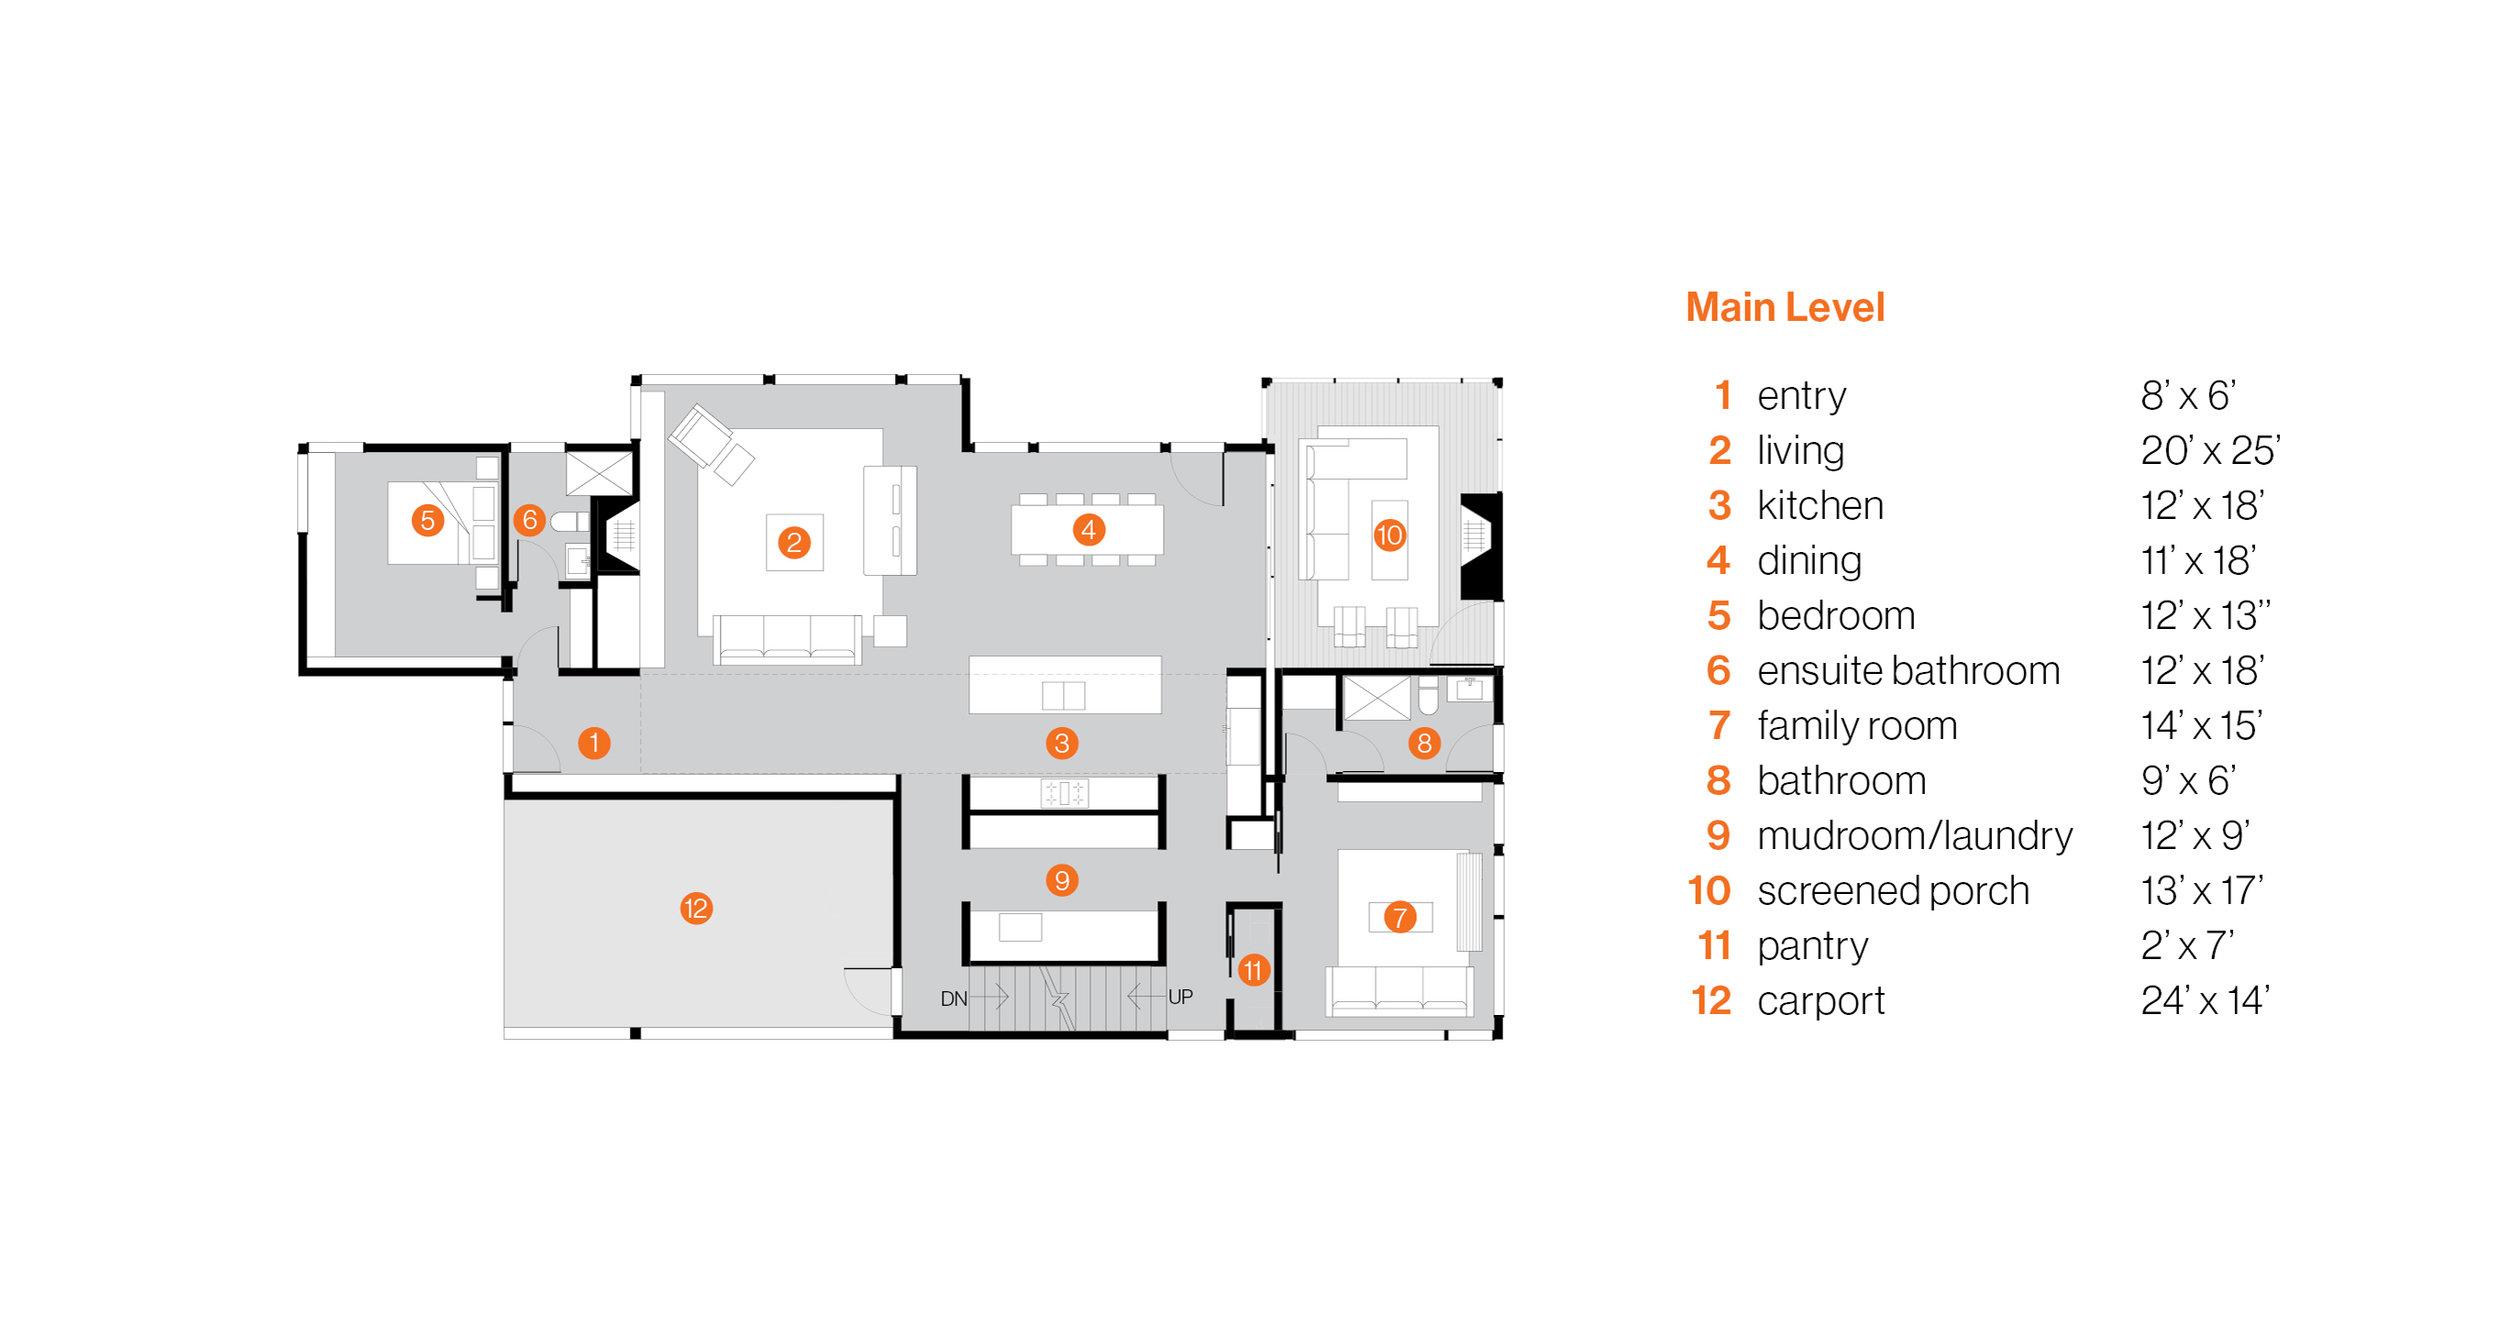 turkel_design_modern_prefab_home_axiom_series_axiom2790_plan_main..jpg